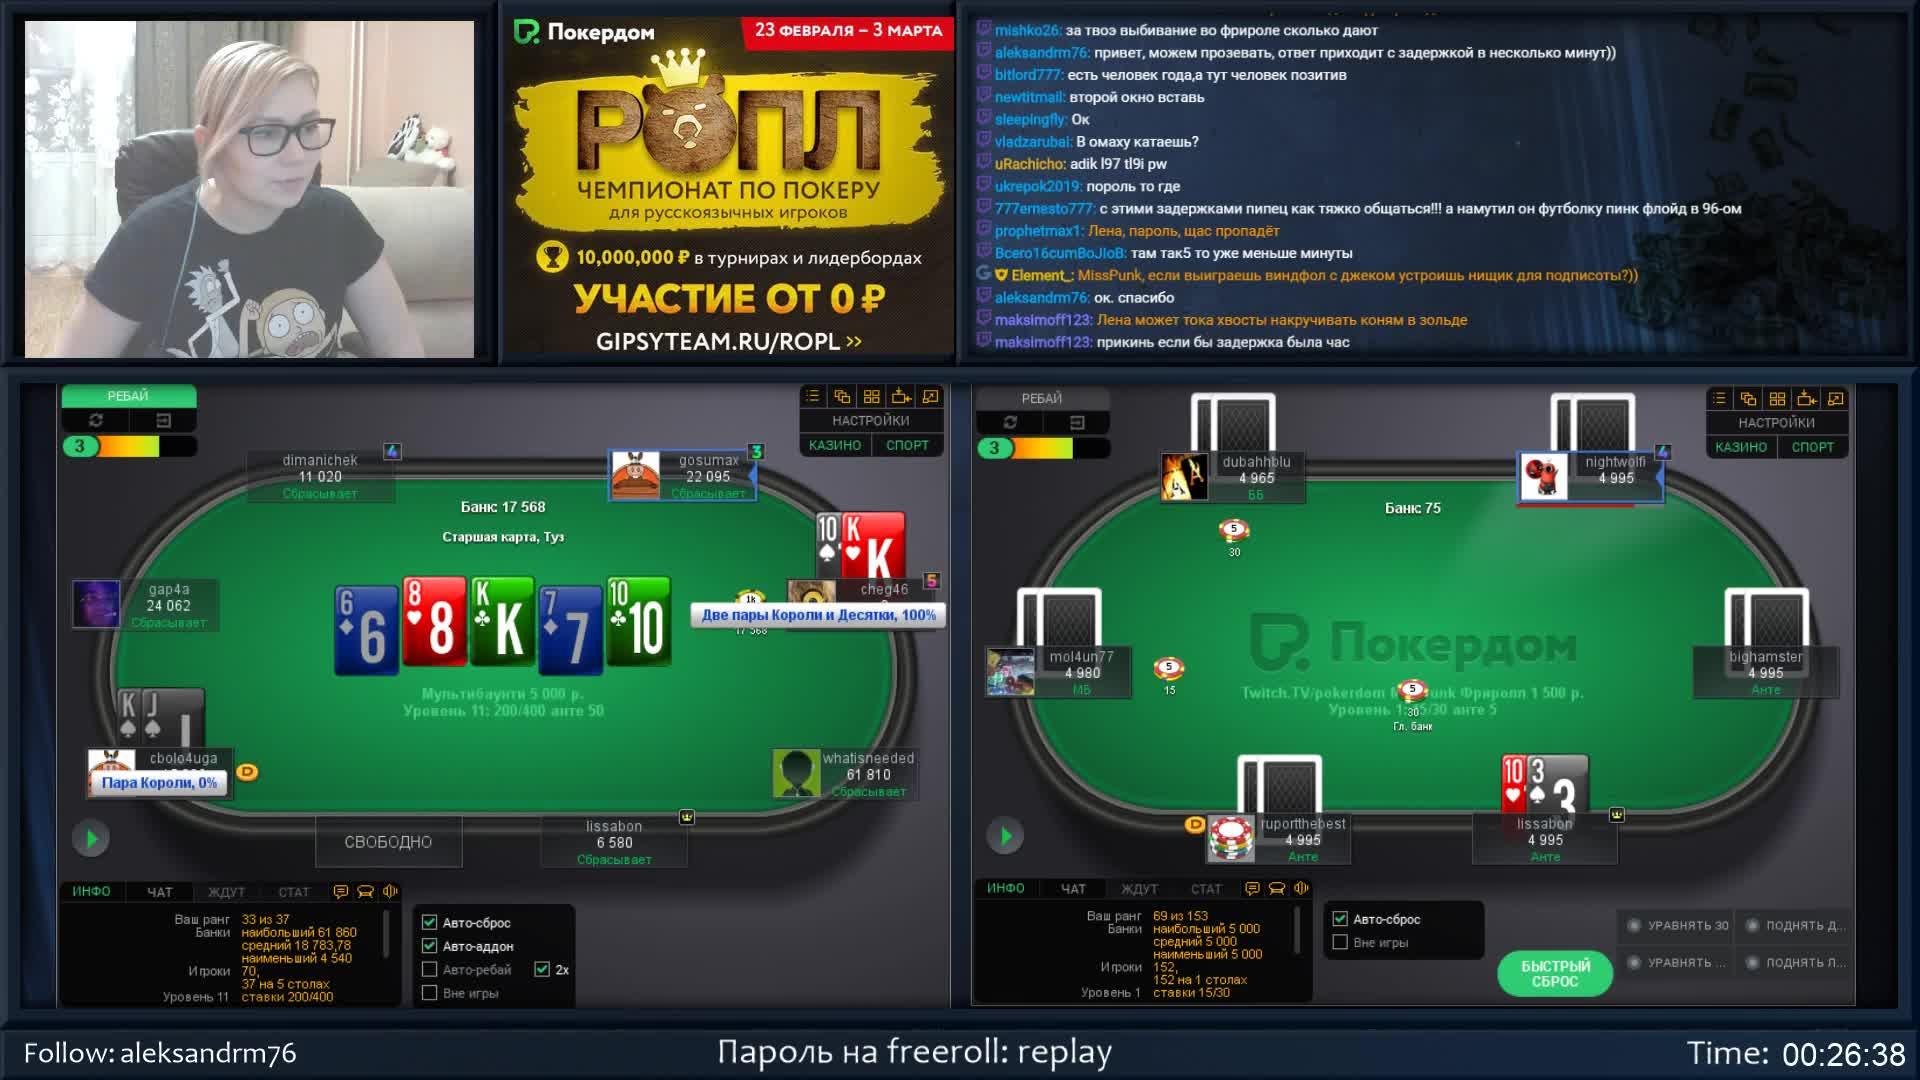 Негативные отзывы игроков о Pokerdom